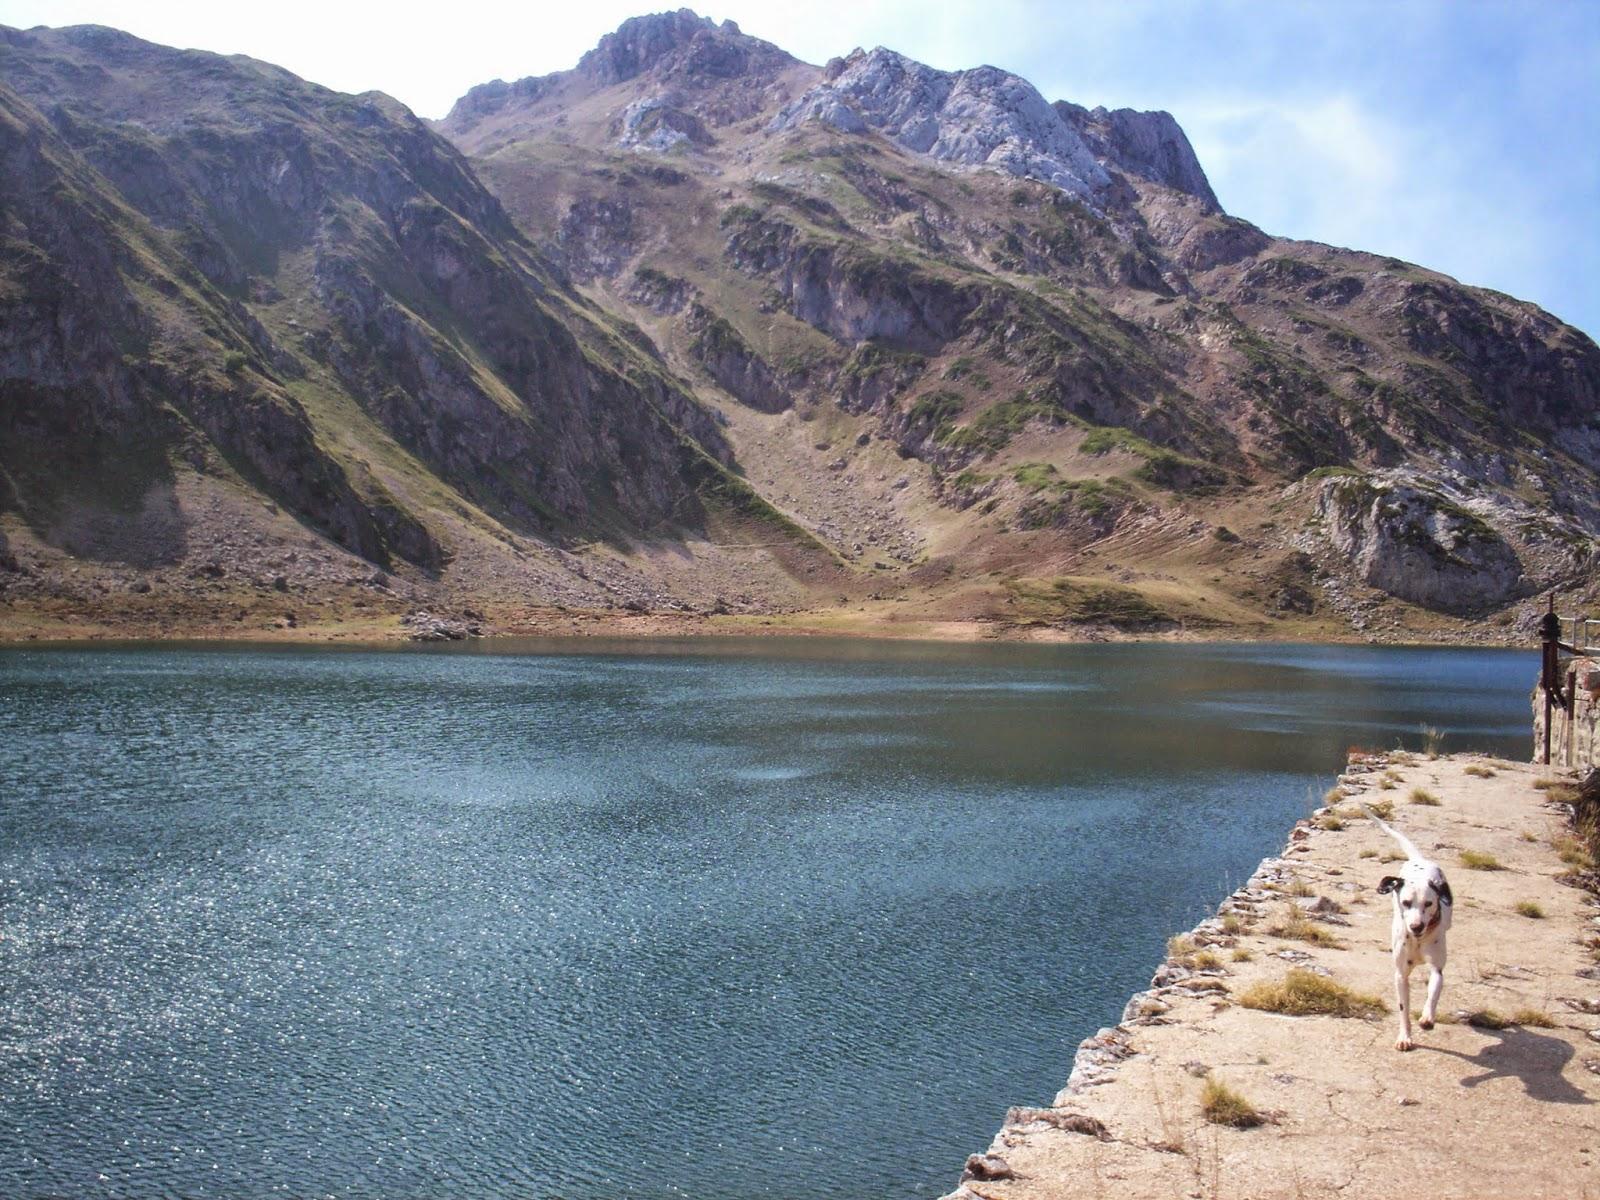 Dardo caminando junto al Lago Calabazosa en Somiedo.